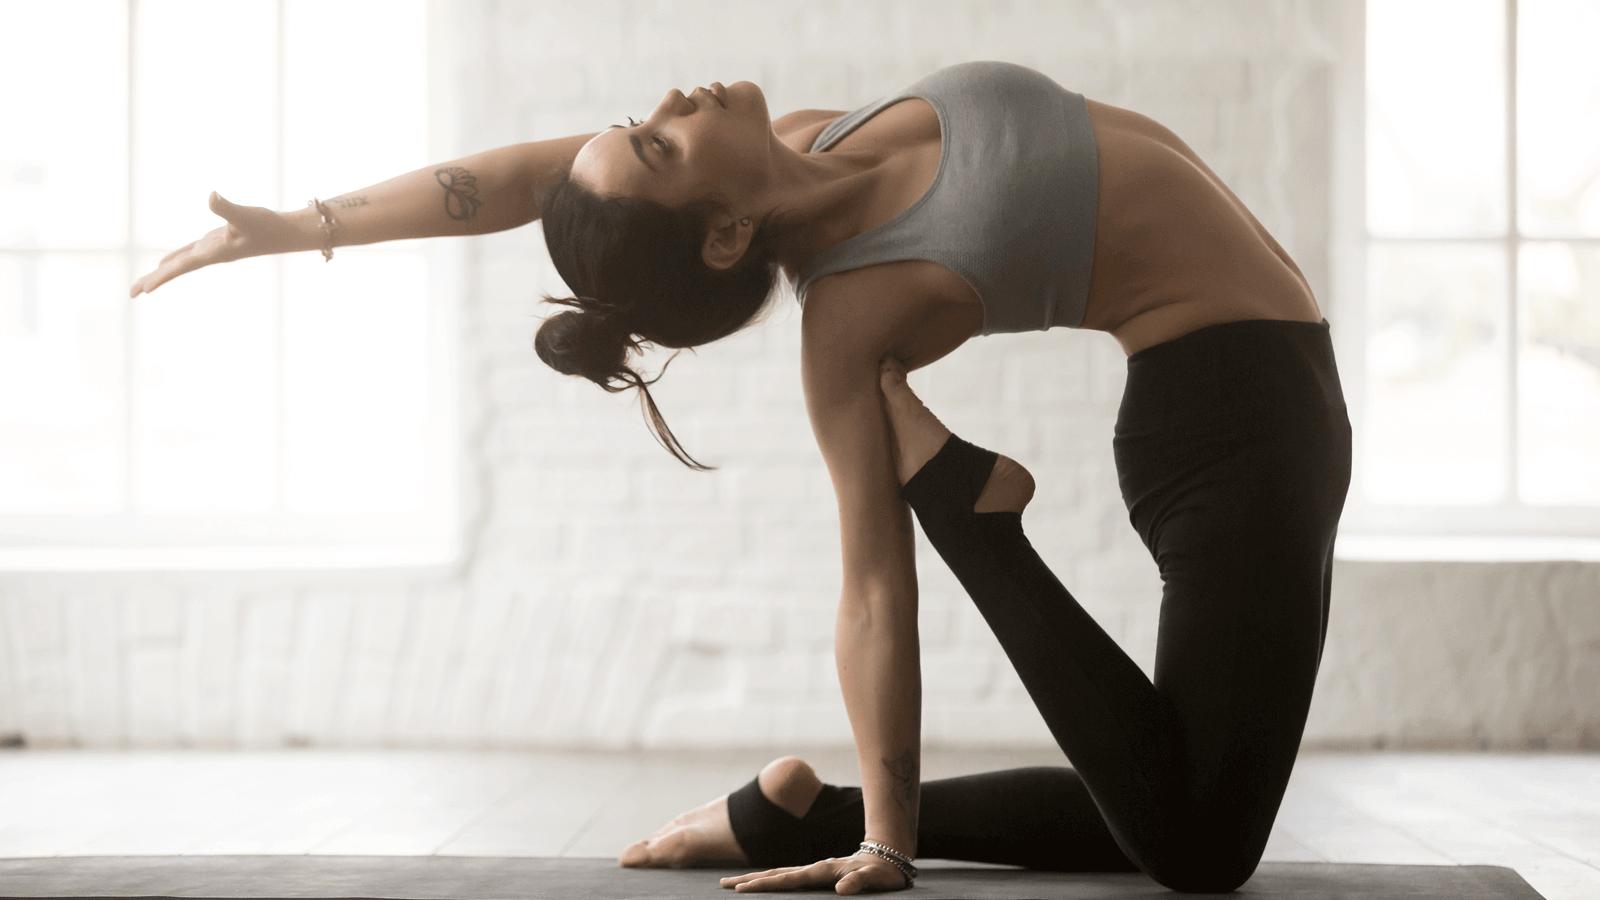 Các bài tập hatha yoga giúp thư giãn, thức tỉnh tâm linh